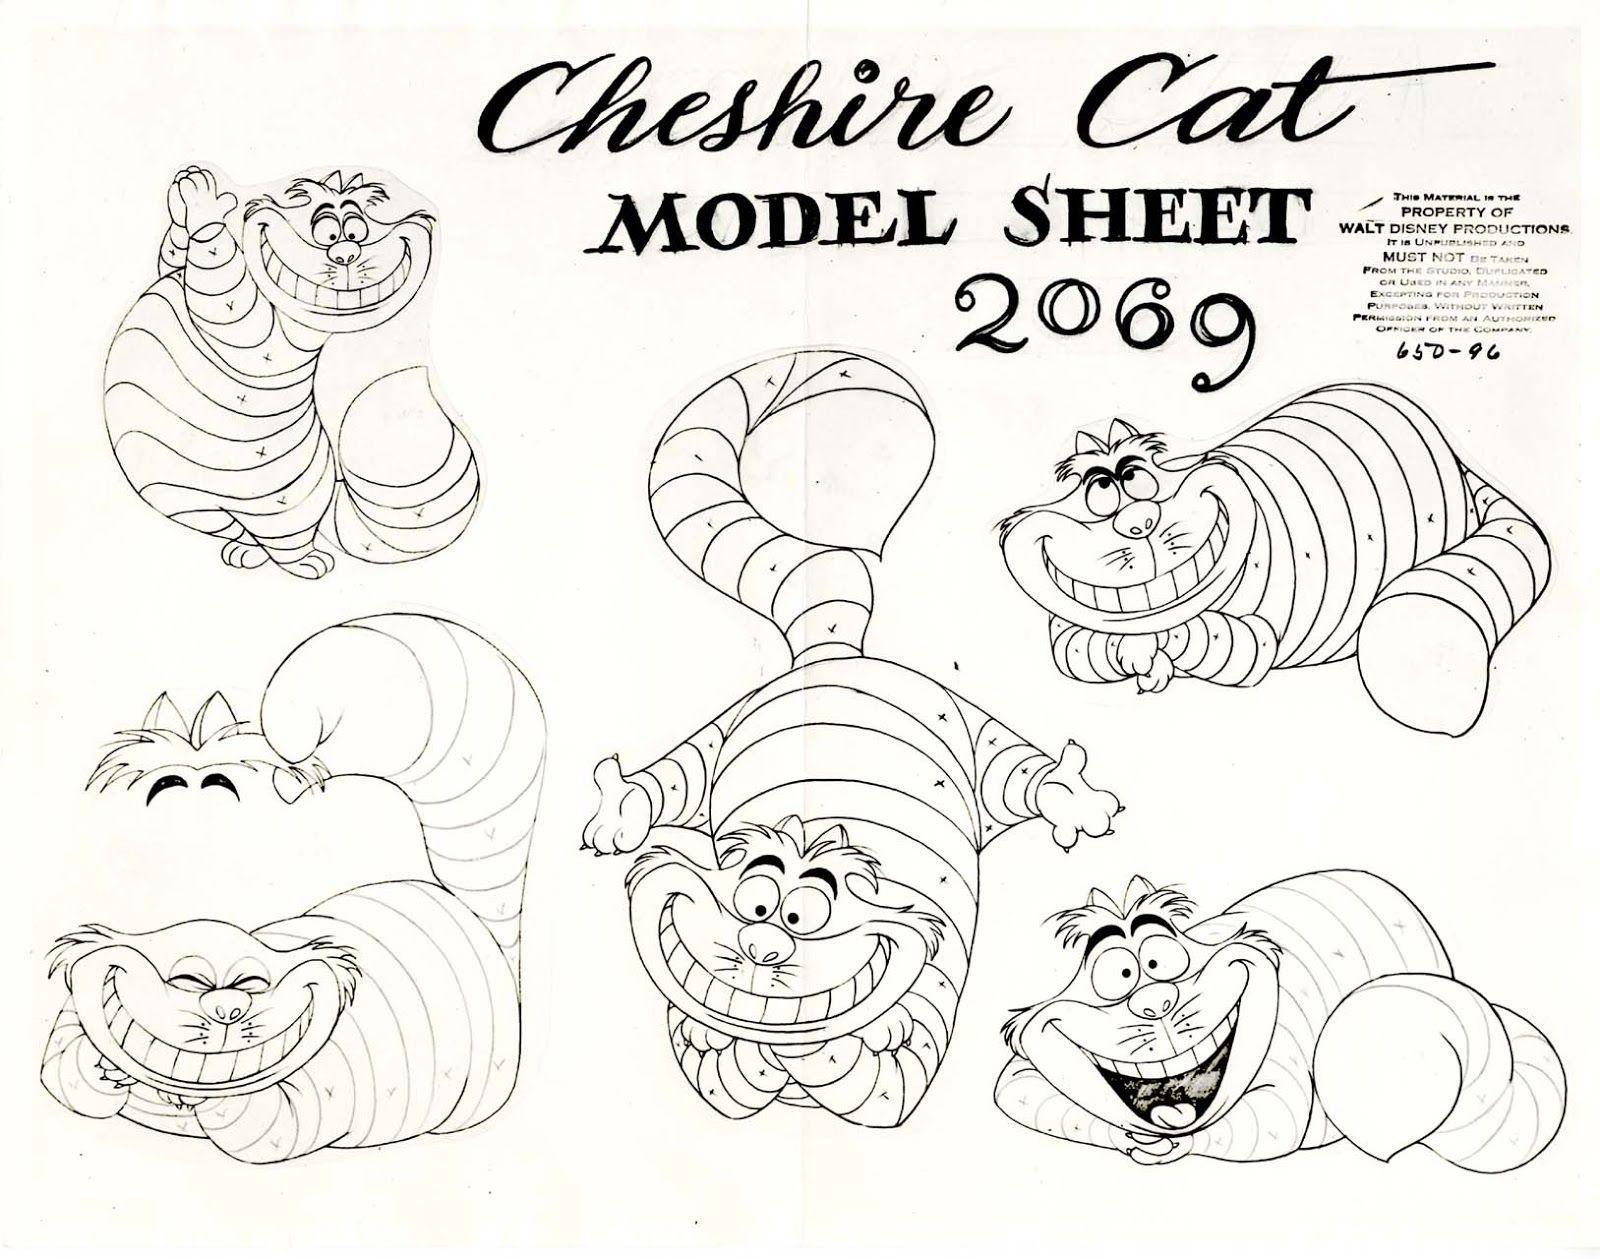 Vintage Disney Alice in Wonderland Animation Model Sheet 650 96